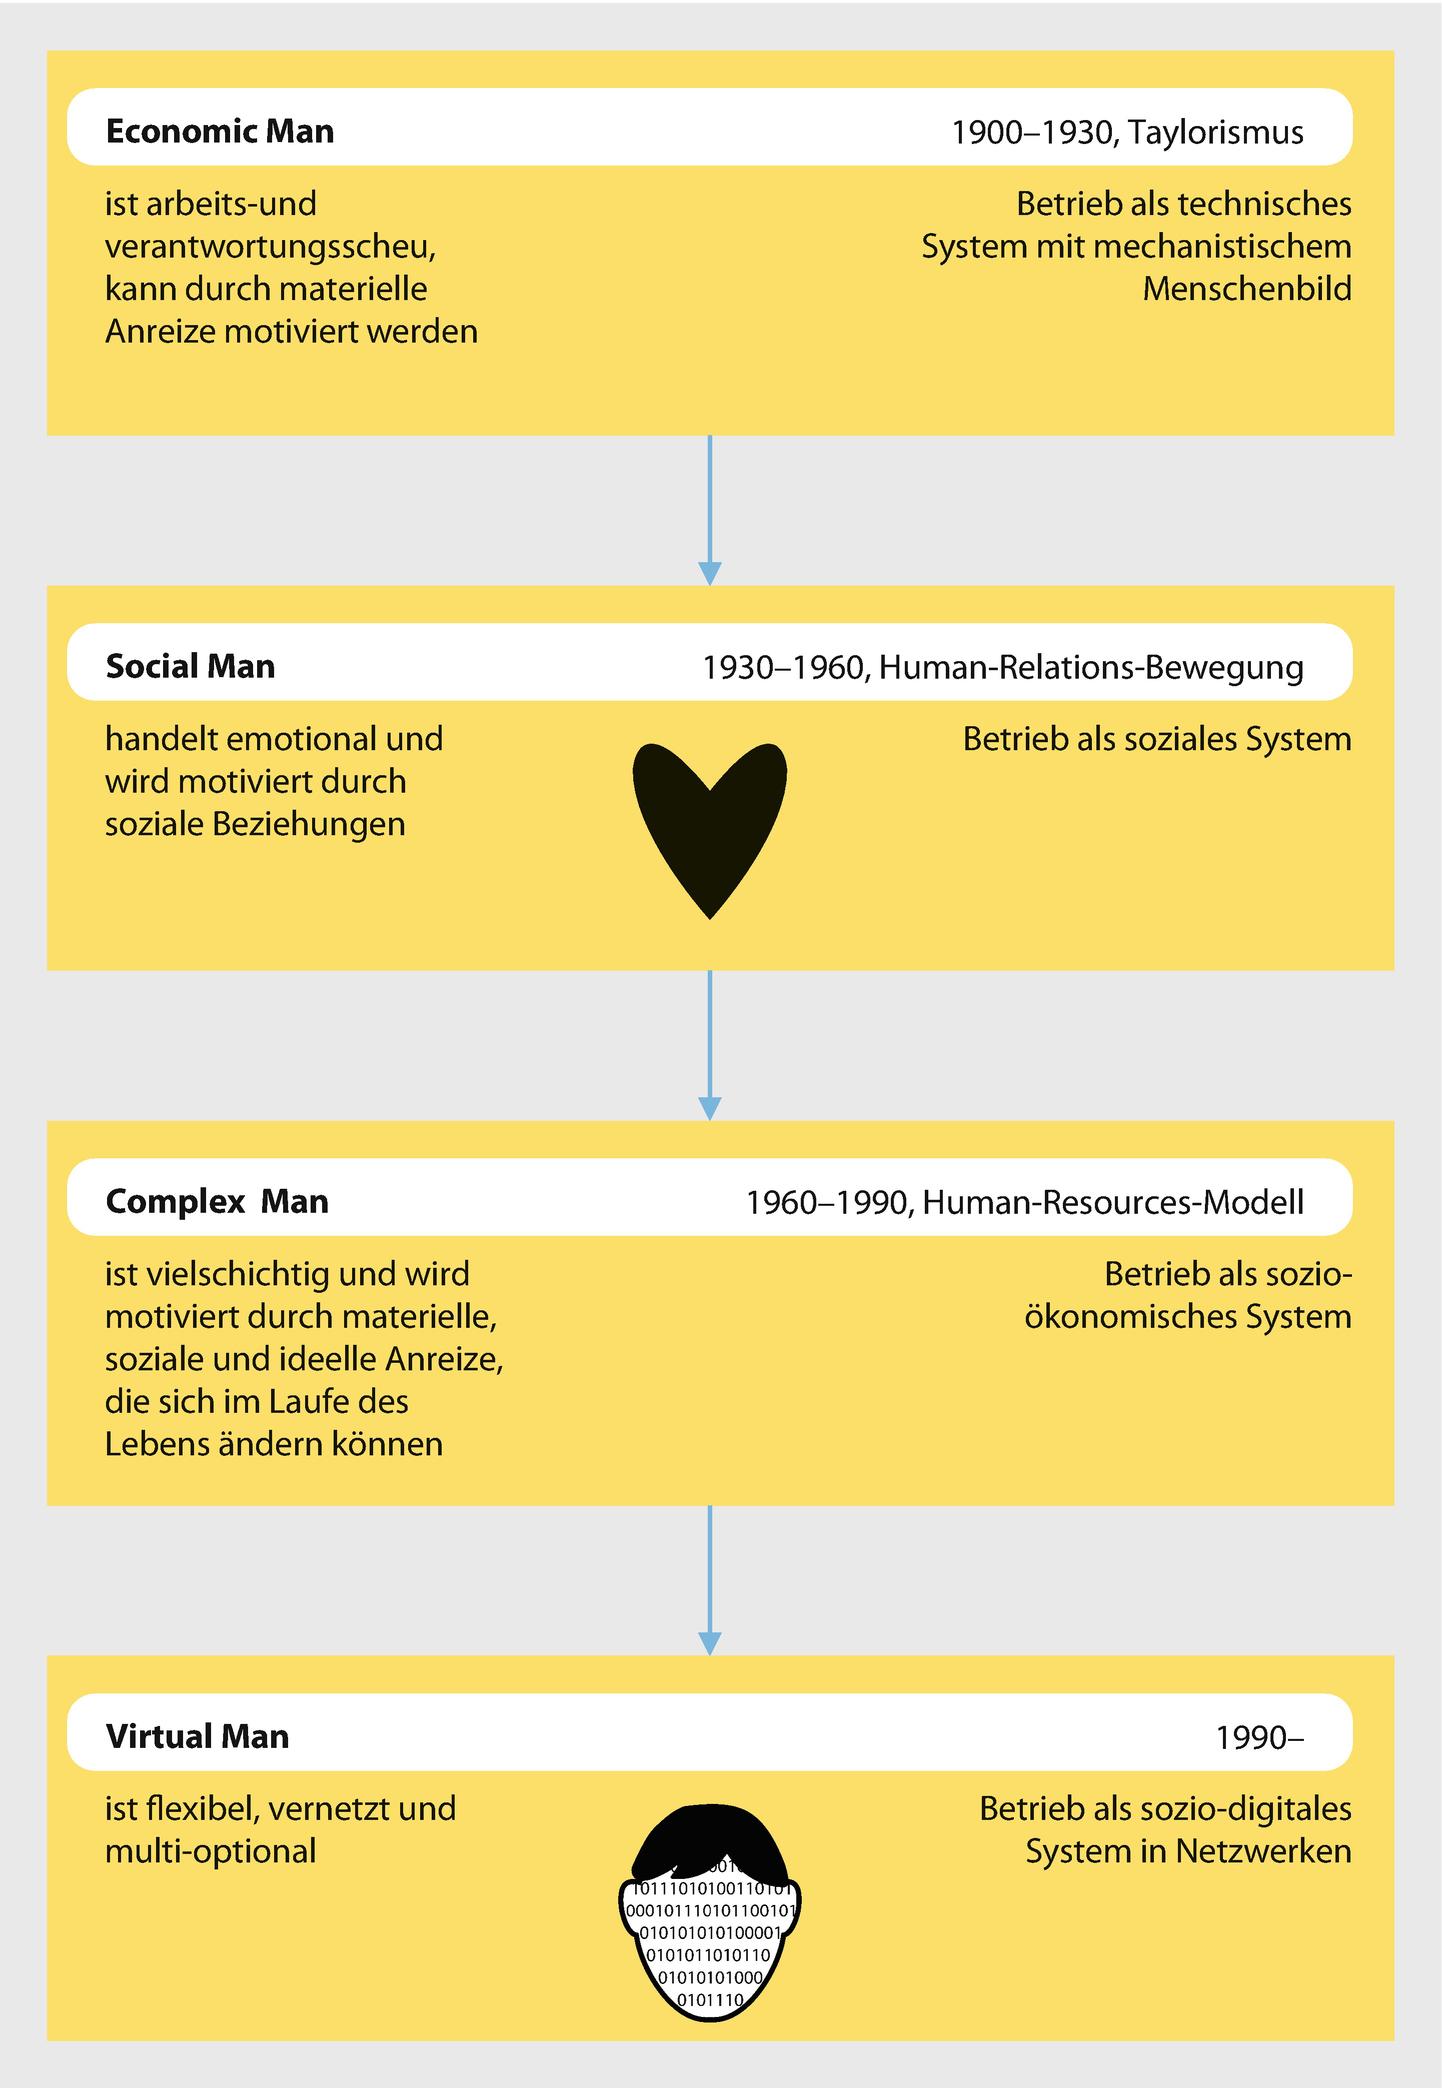 Zwischenmenschliche Kommunikation datiert